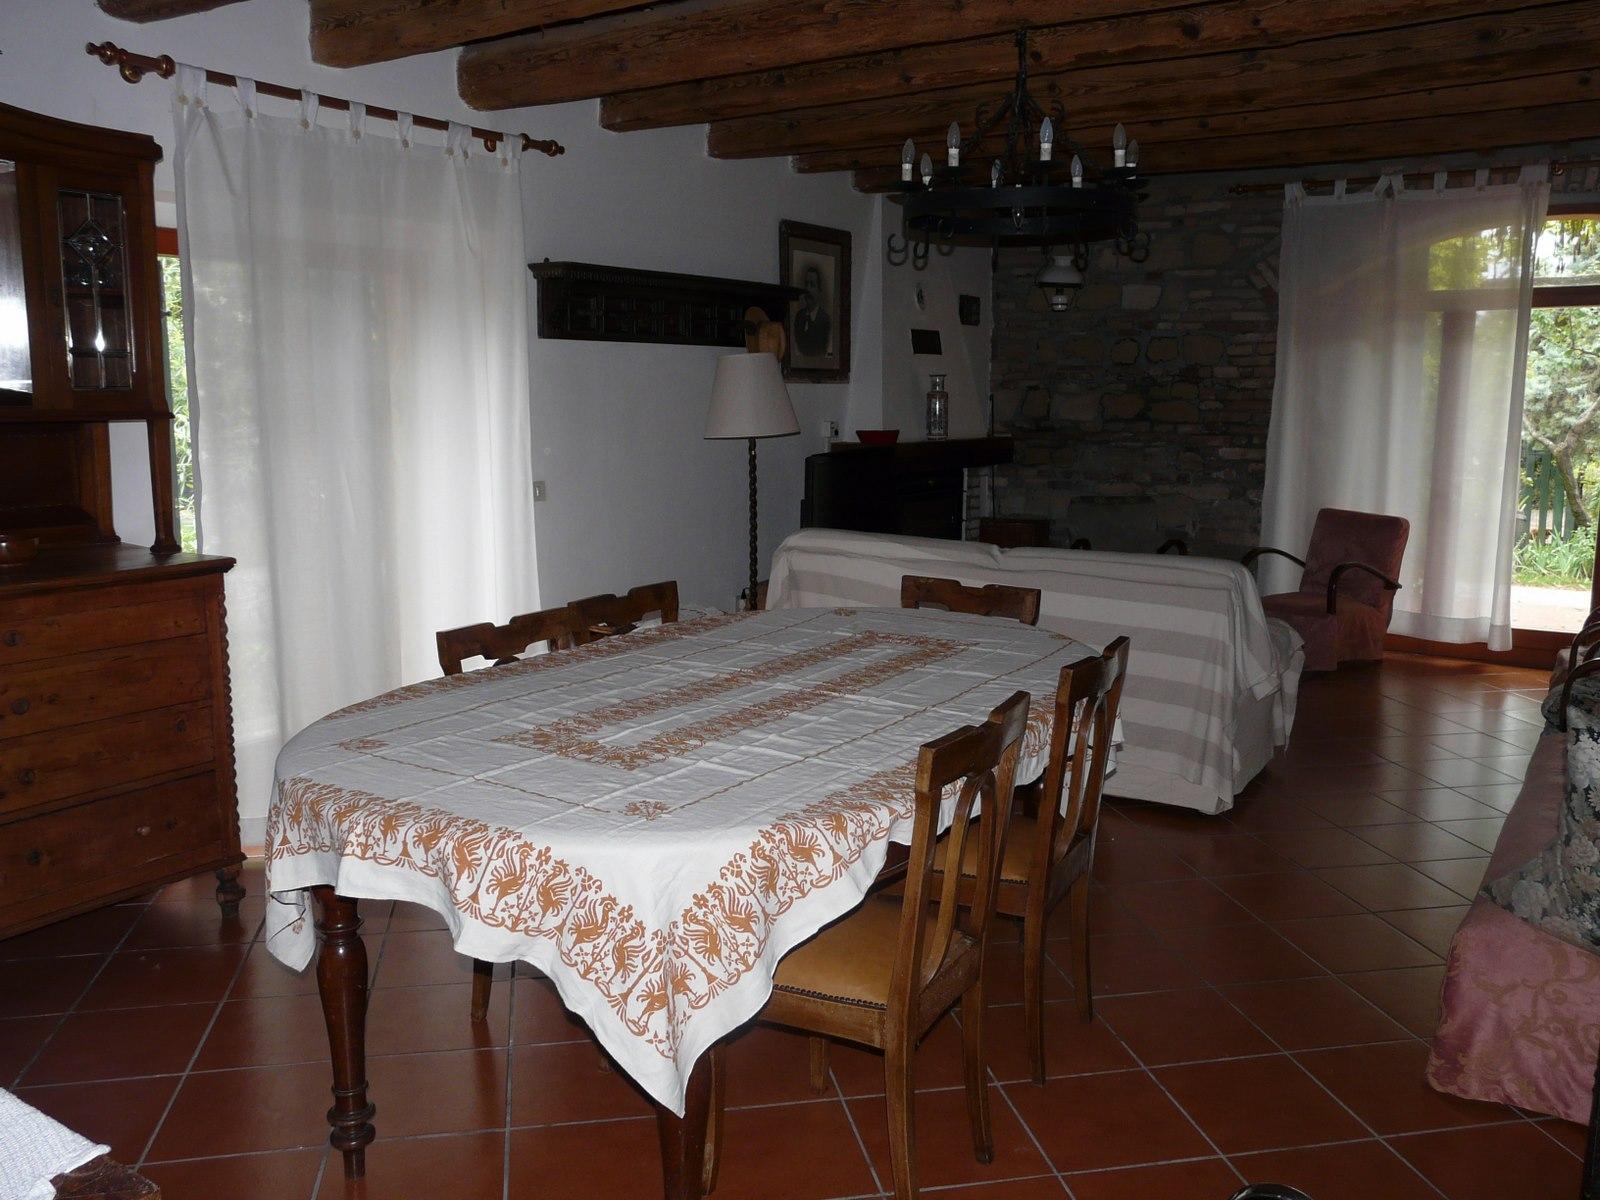 Ferienhaus Pescatore (870454), Fano (IT), Adriaküste (Marken), Marken, Italien, Bild 31